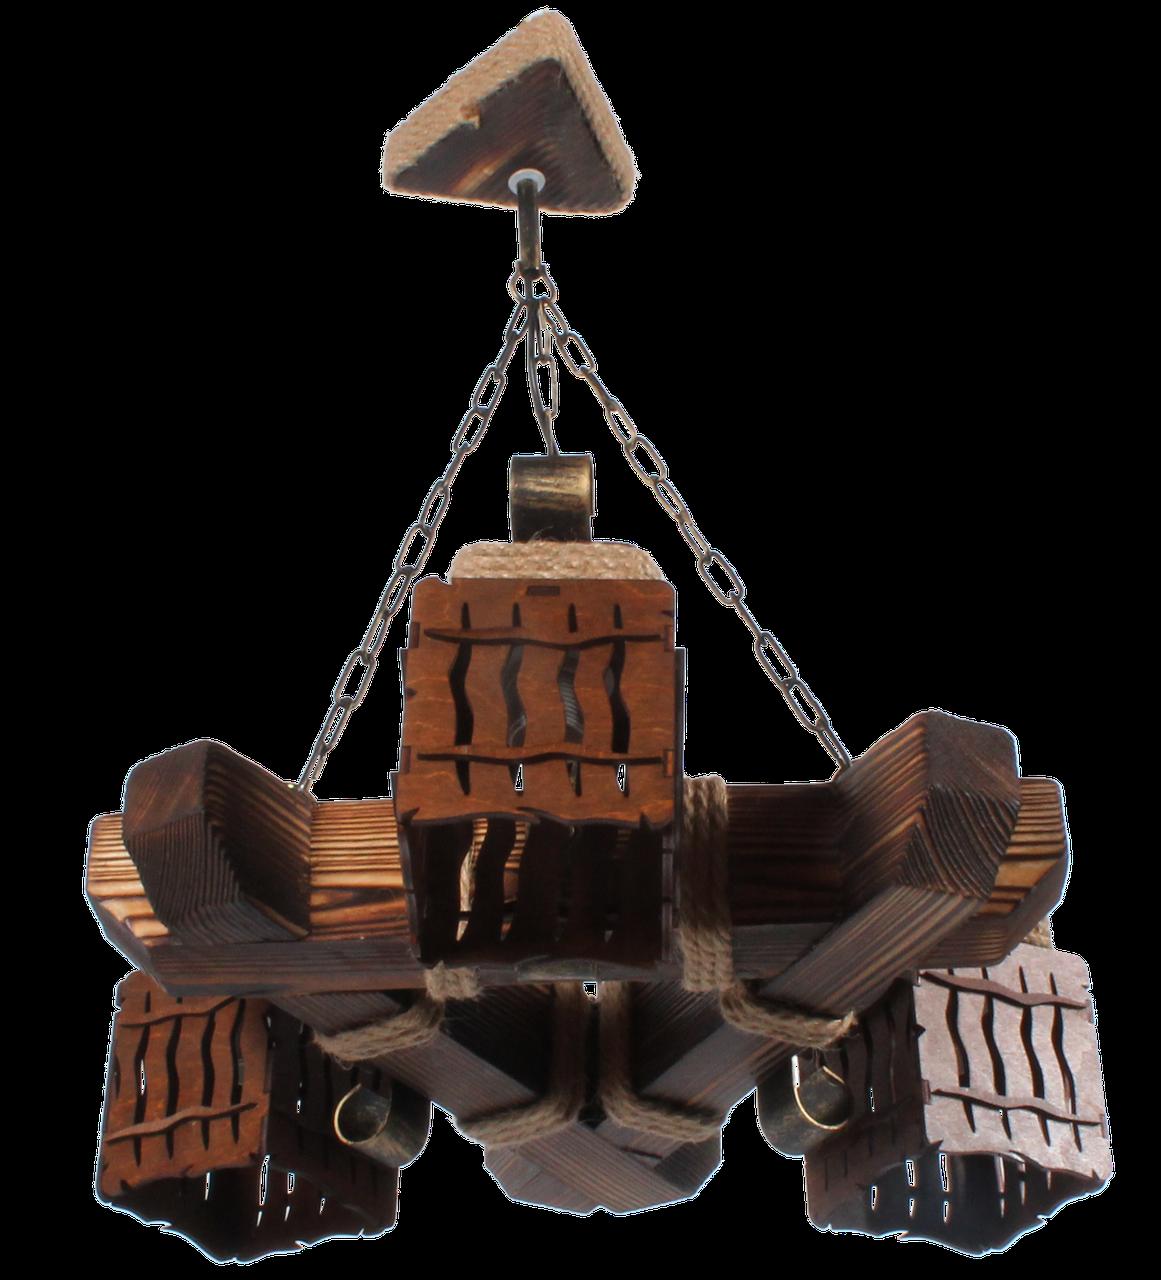 Люстра треугольная из дерева на цепи на три плафона